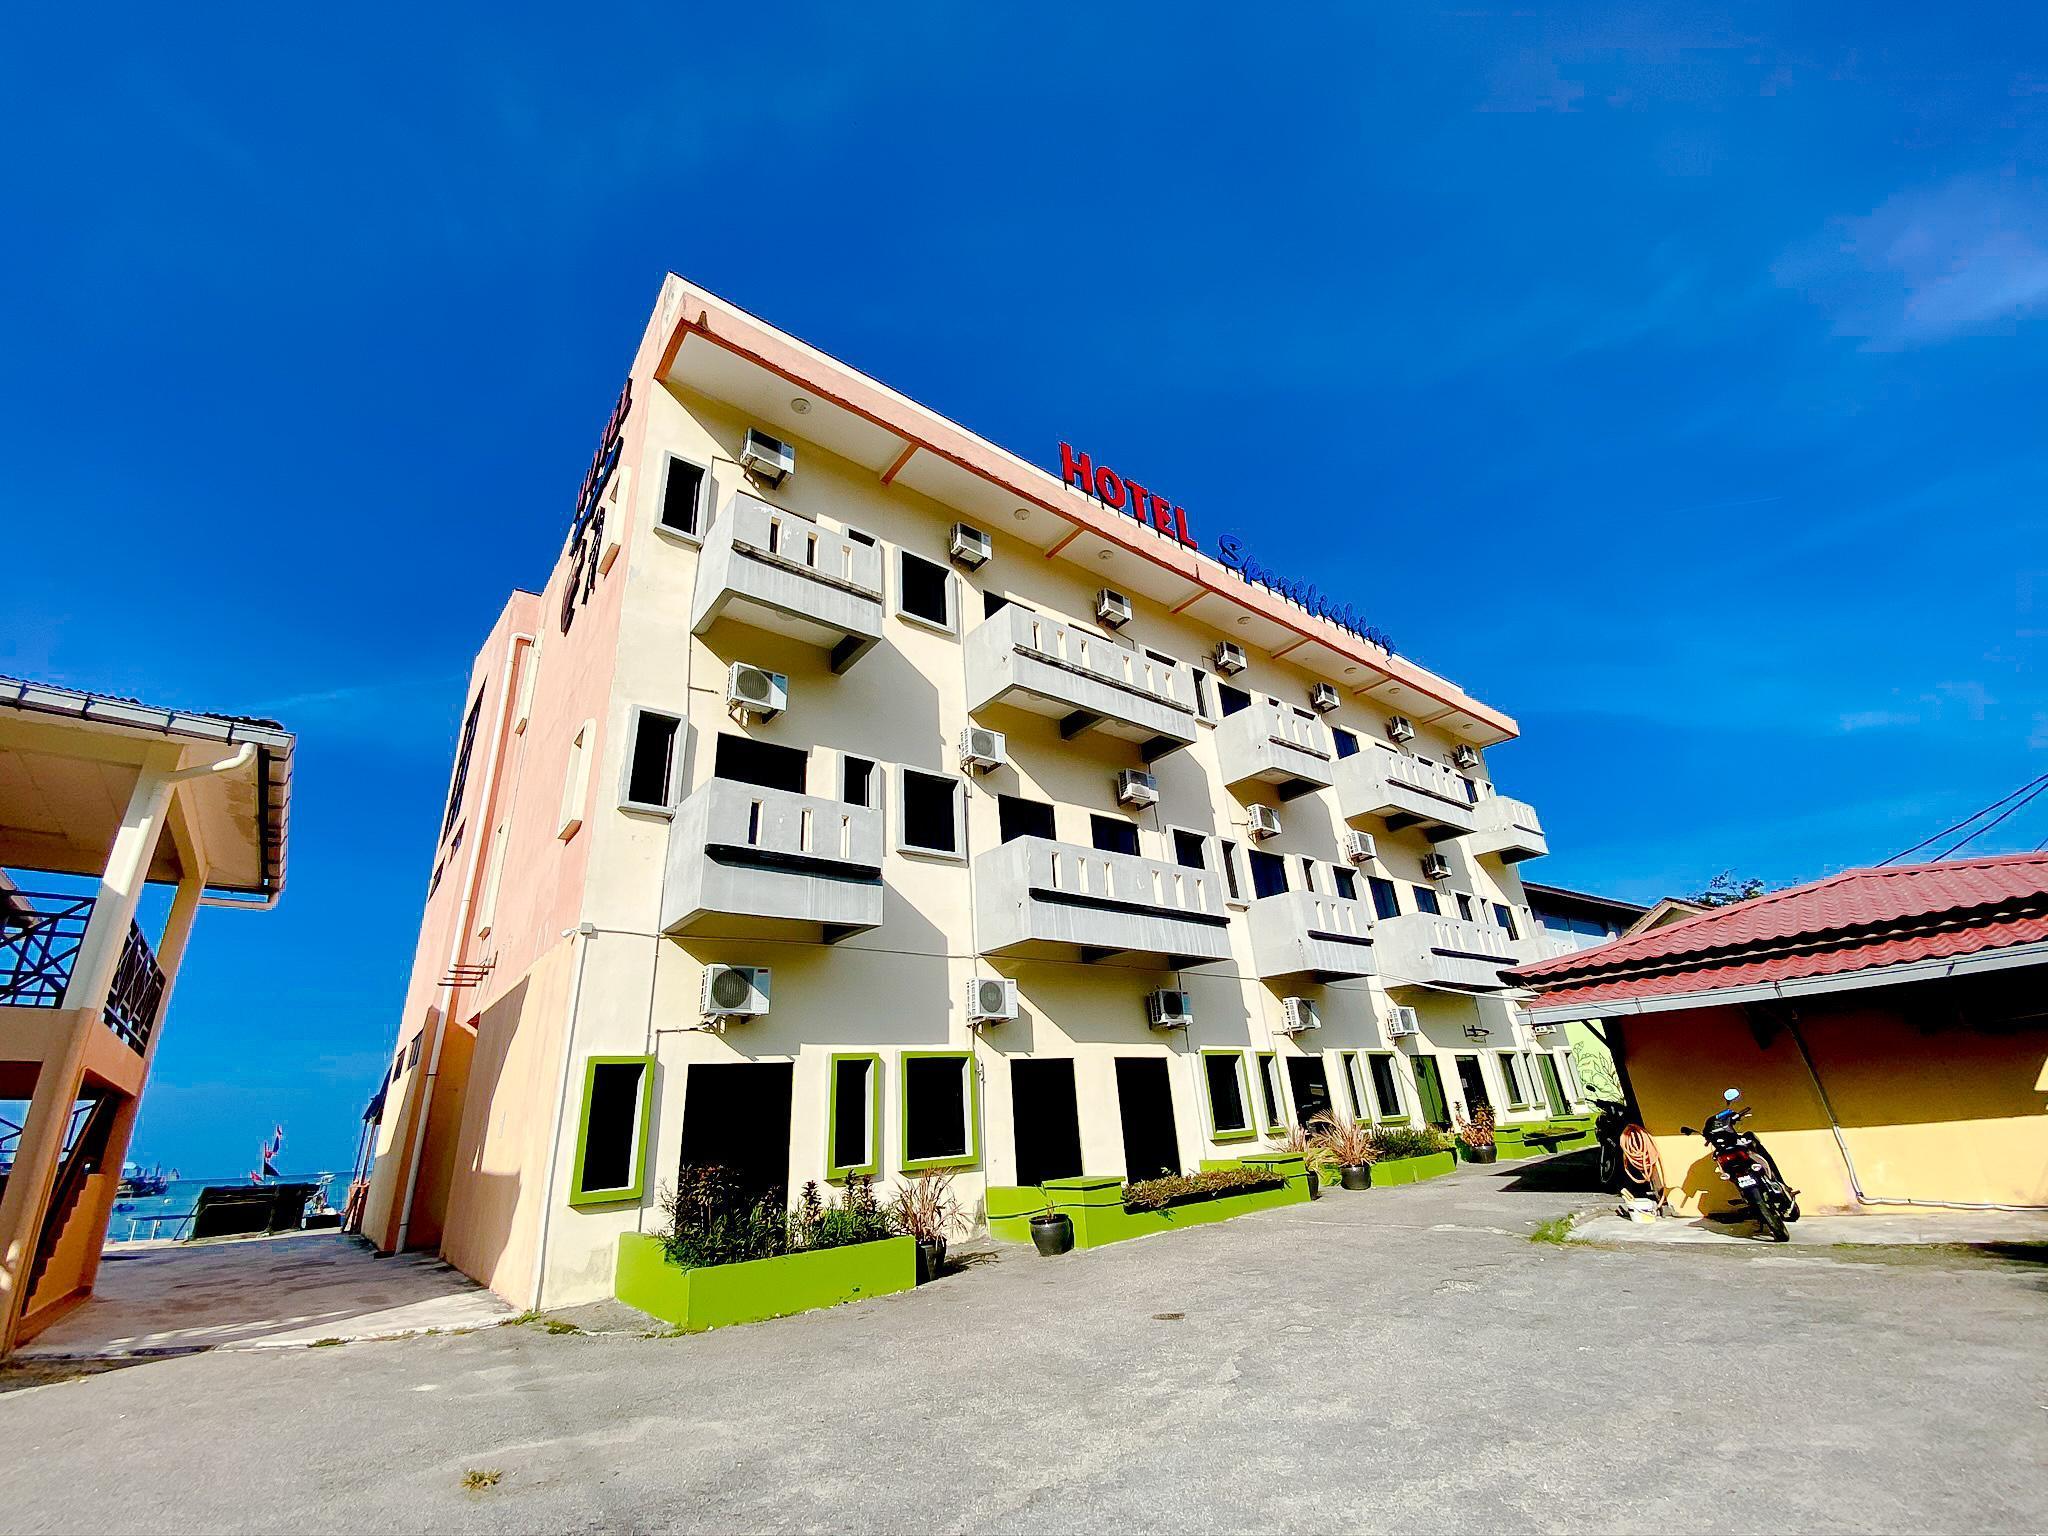 Sportfishing Hotel